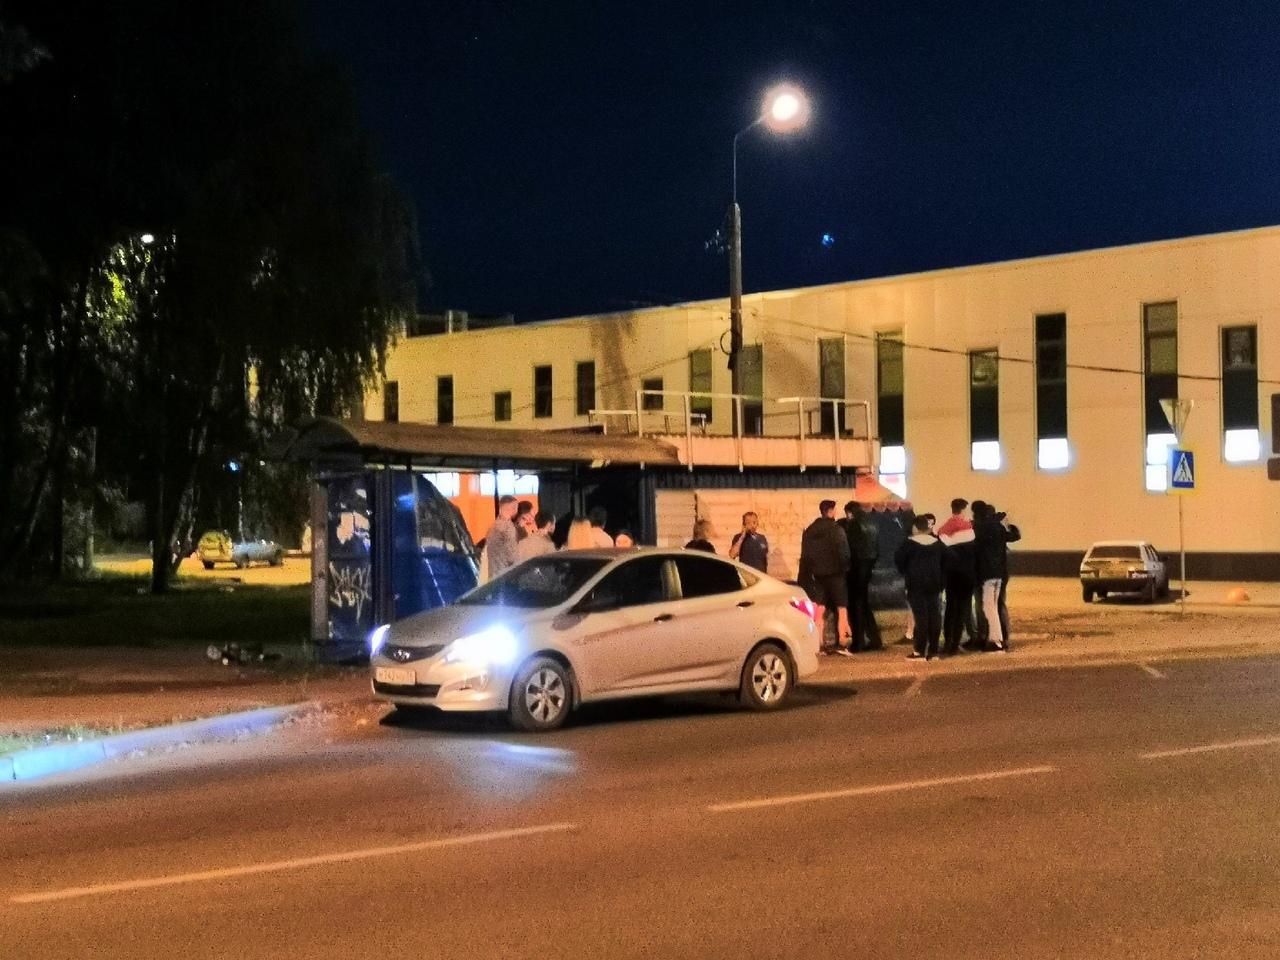 В Ярославле пьяная женщина сломала остановку